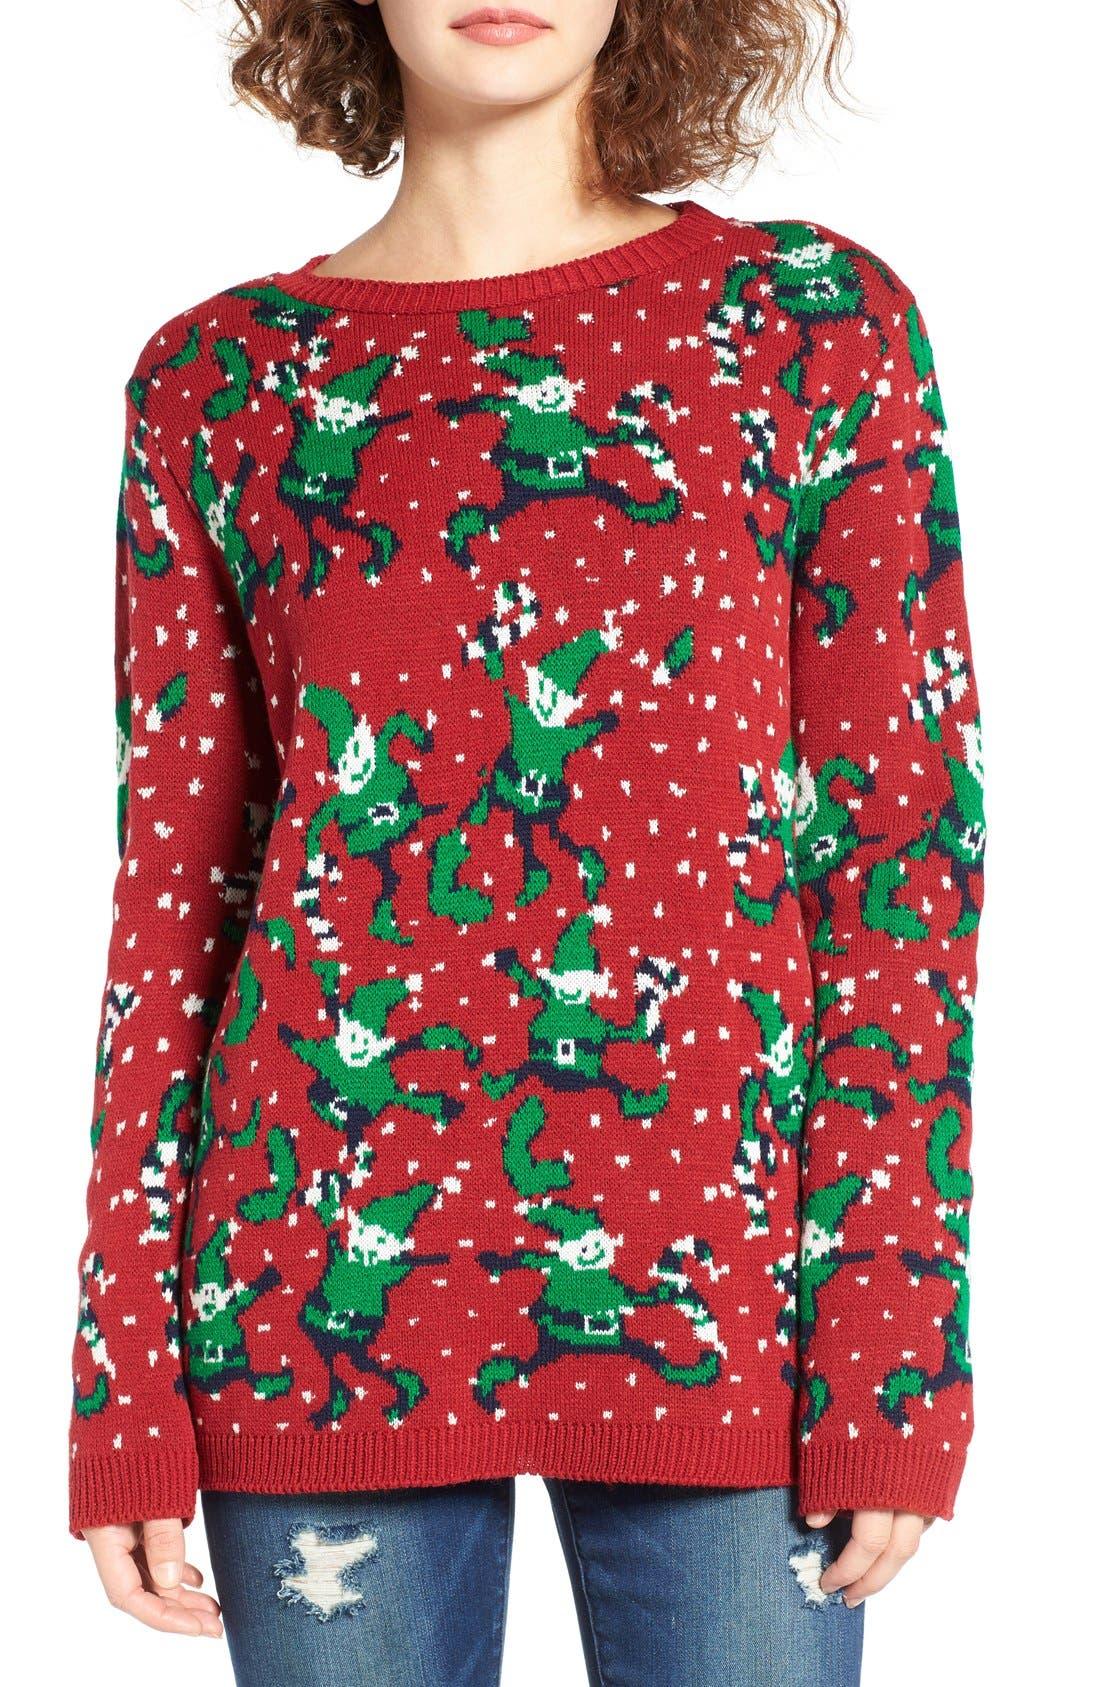 Alternate Image 1 Selected - Cotton Emporium Intarsia Elf Sweater